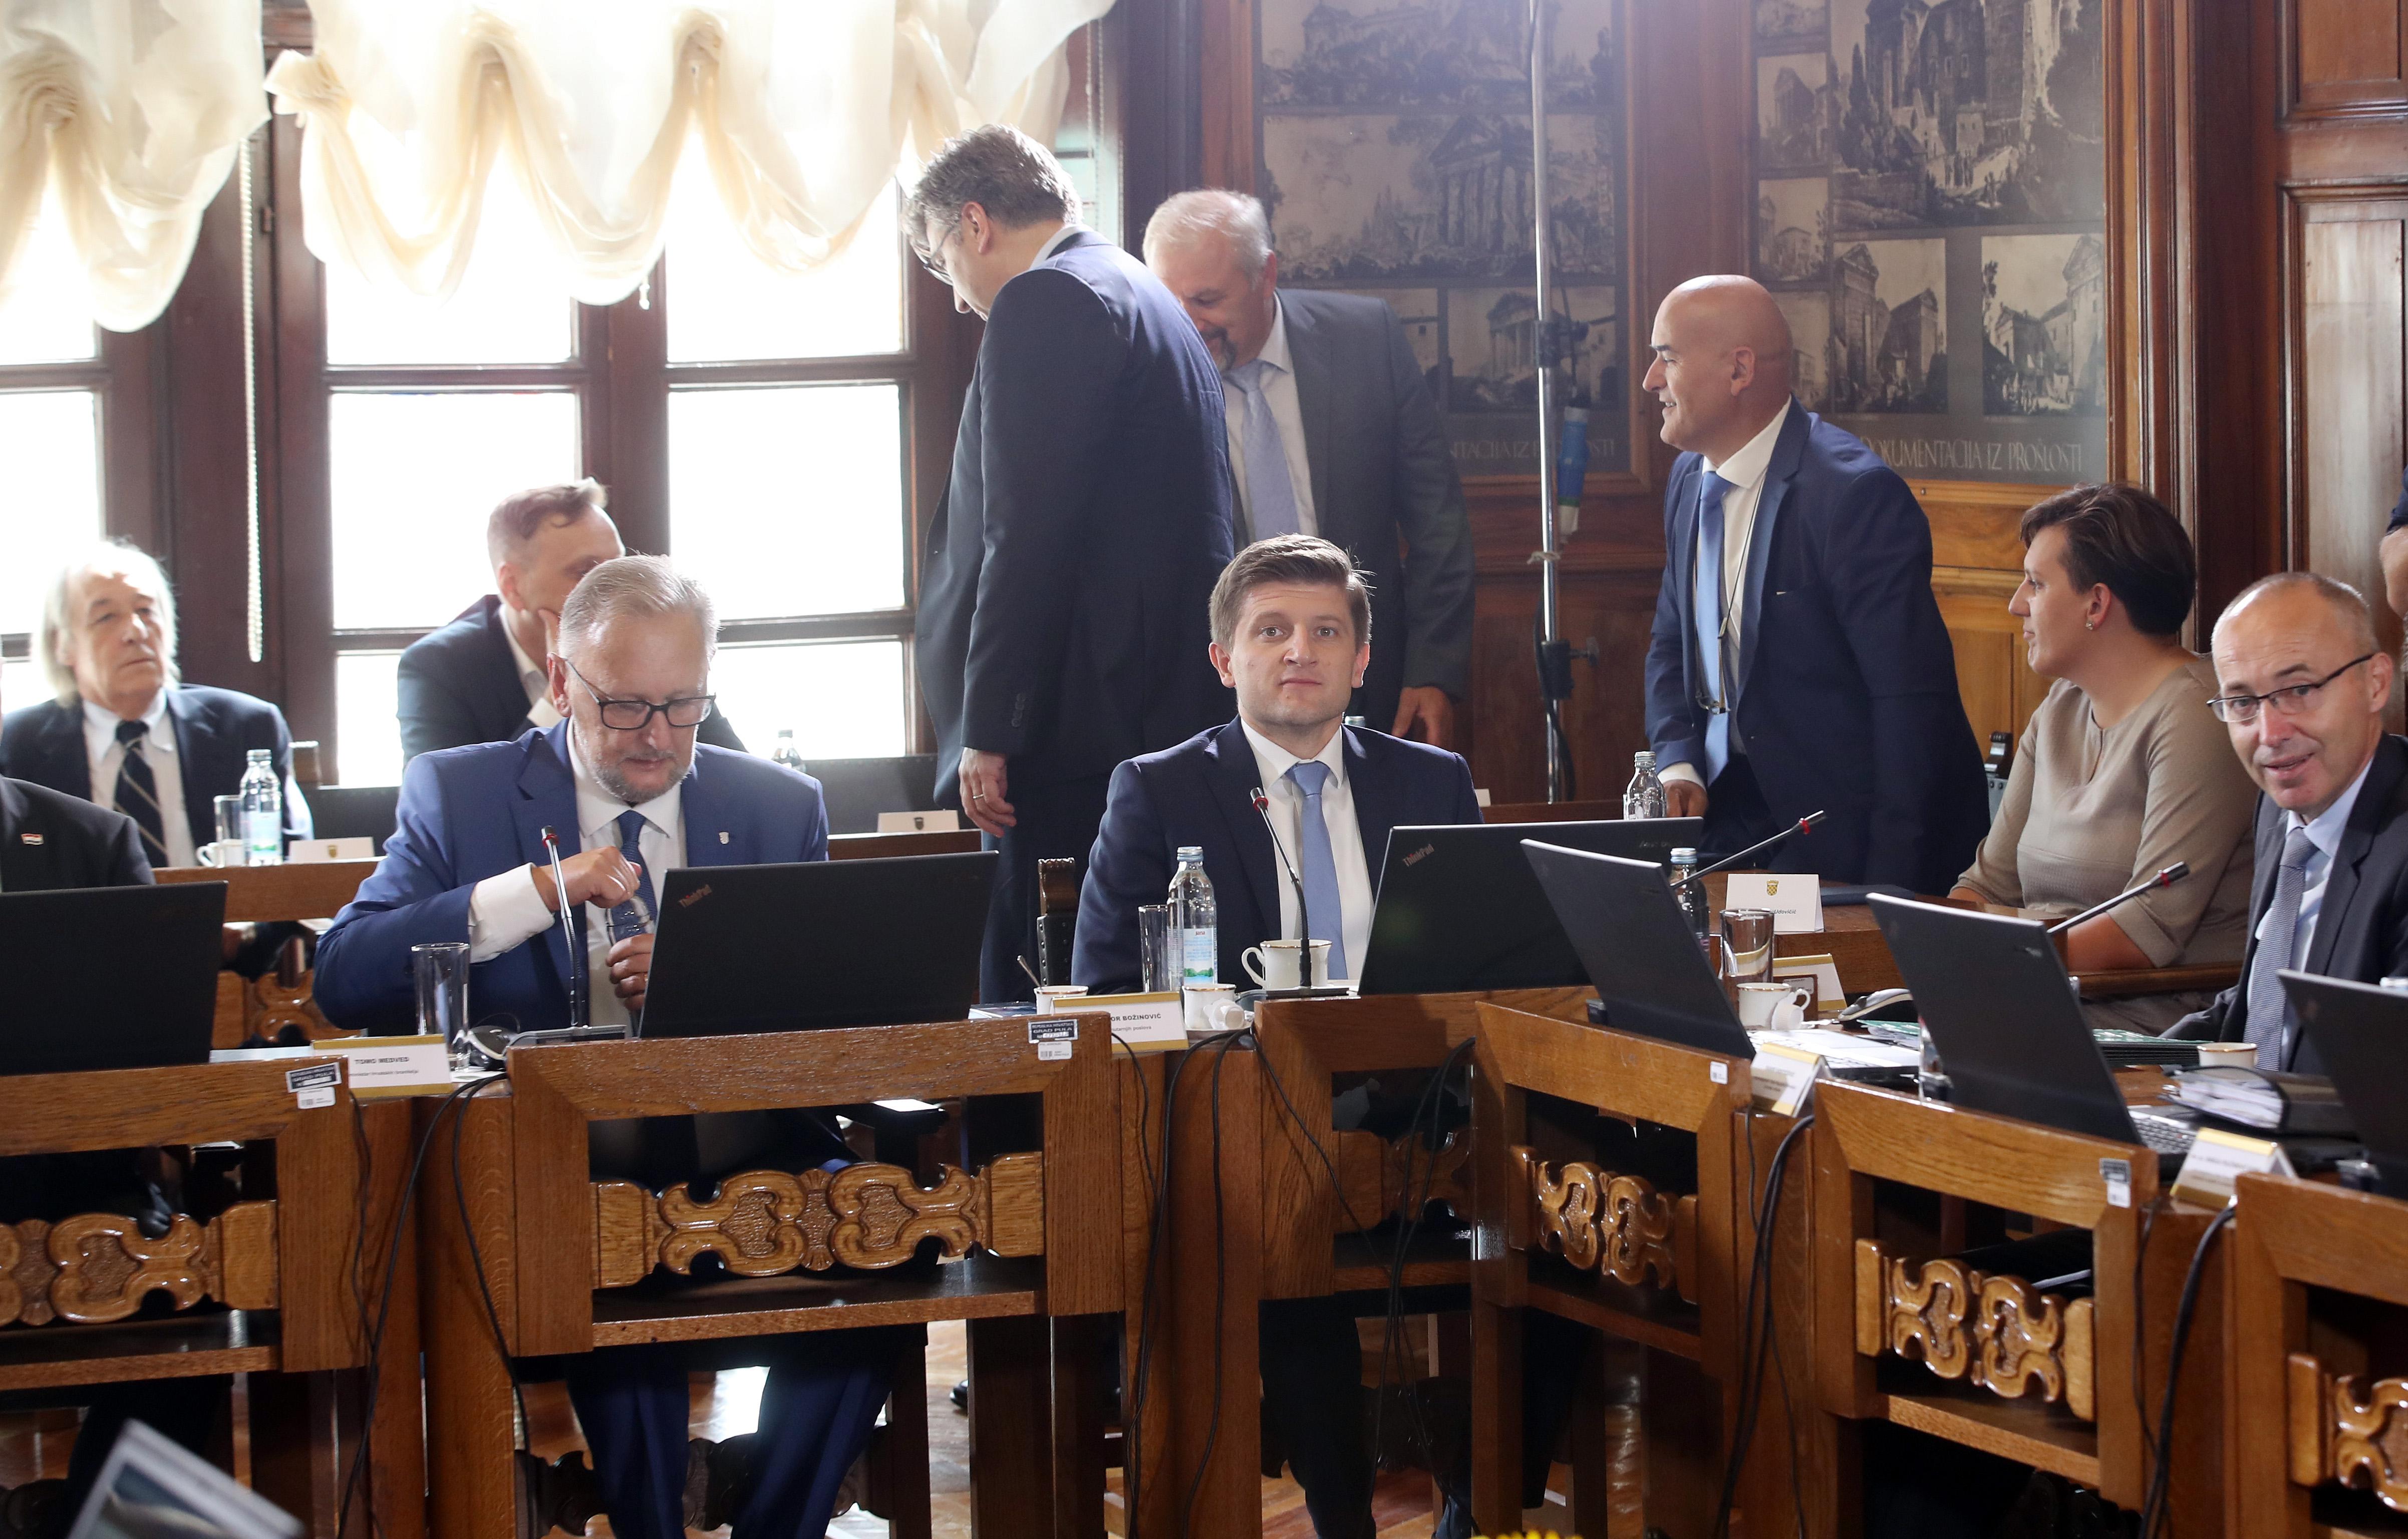 MARIĆ 'Višak proračuna opće države u šest mjeseci 1,6 milijardi kuna'